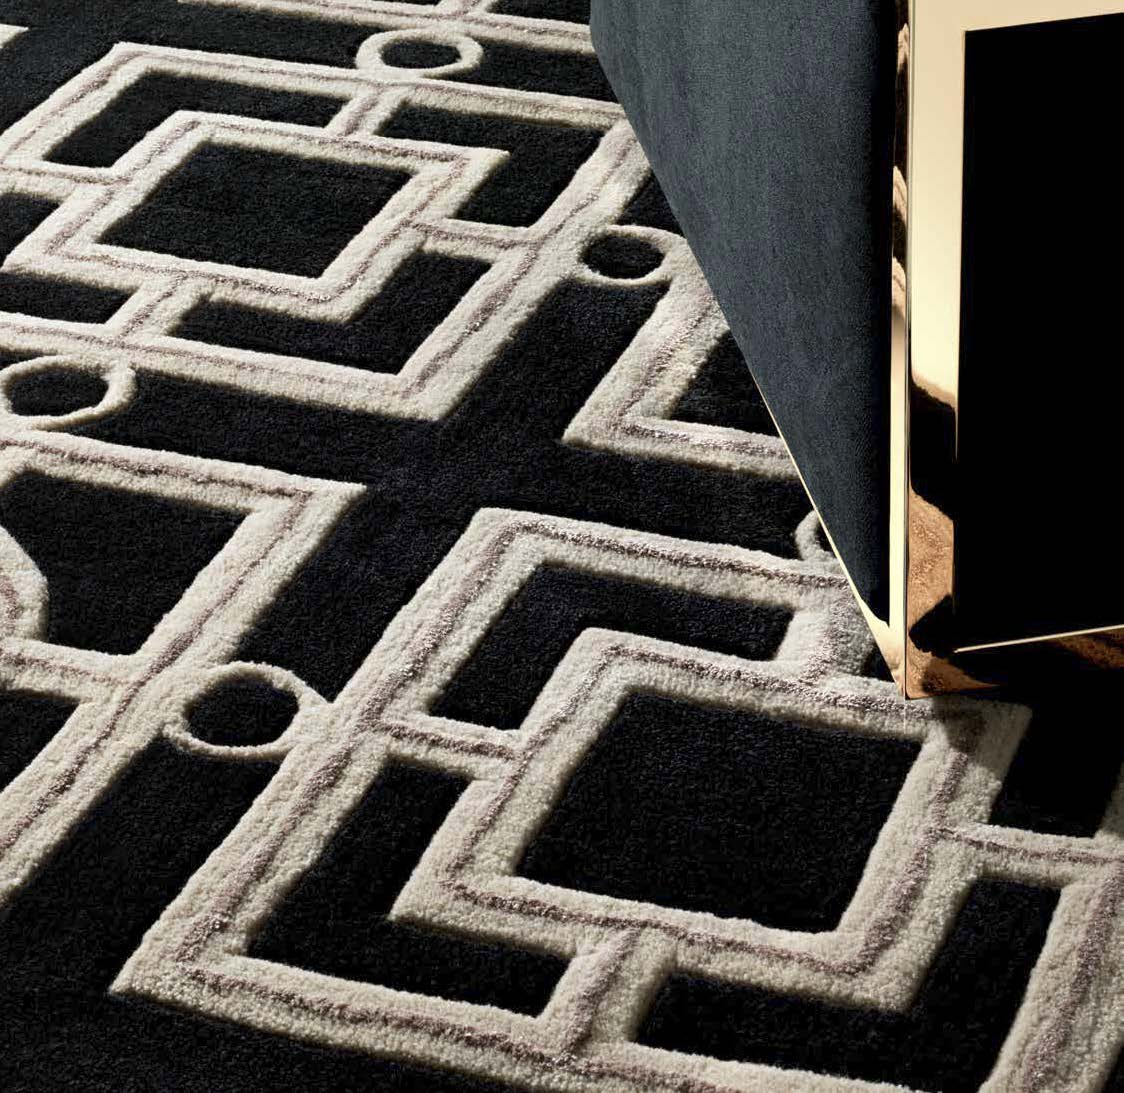 КоверПрямоугольные ковры<br>Ковер Carpet Evans из 100% новозелландской шерсти. &amp;amp;nbsp;Ручная работа.<br><br>Material: Шерсть<br>Ширина см: 300.0<br>Глубина см: 200.0